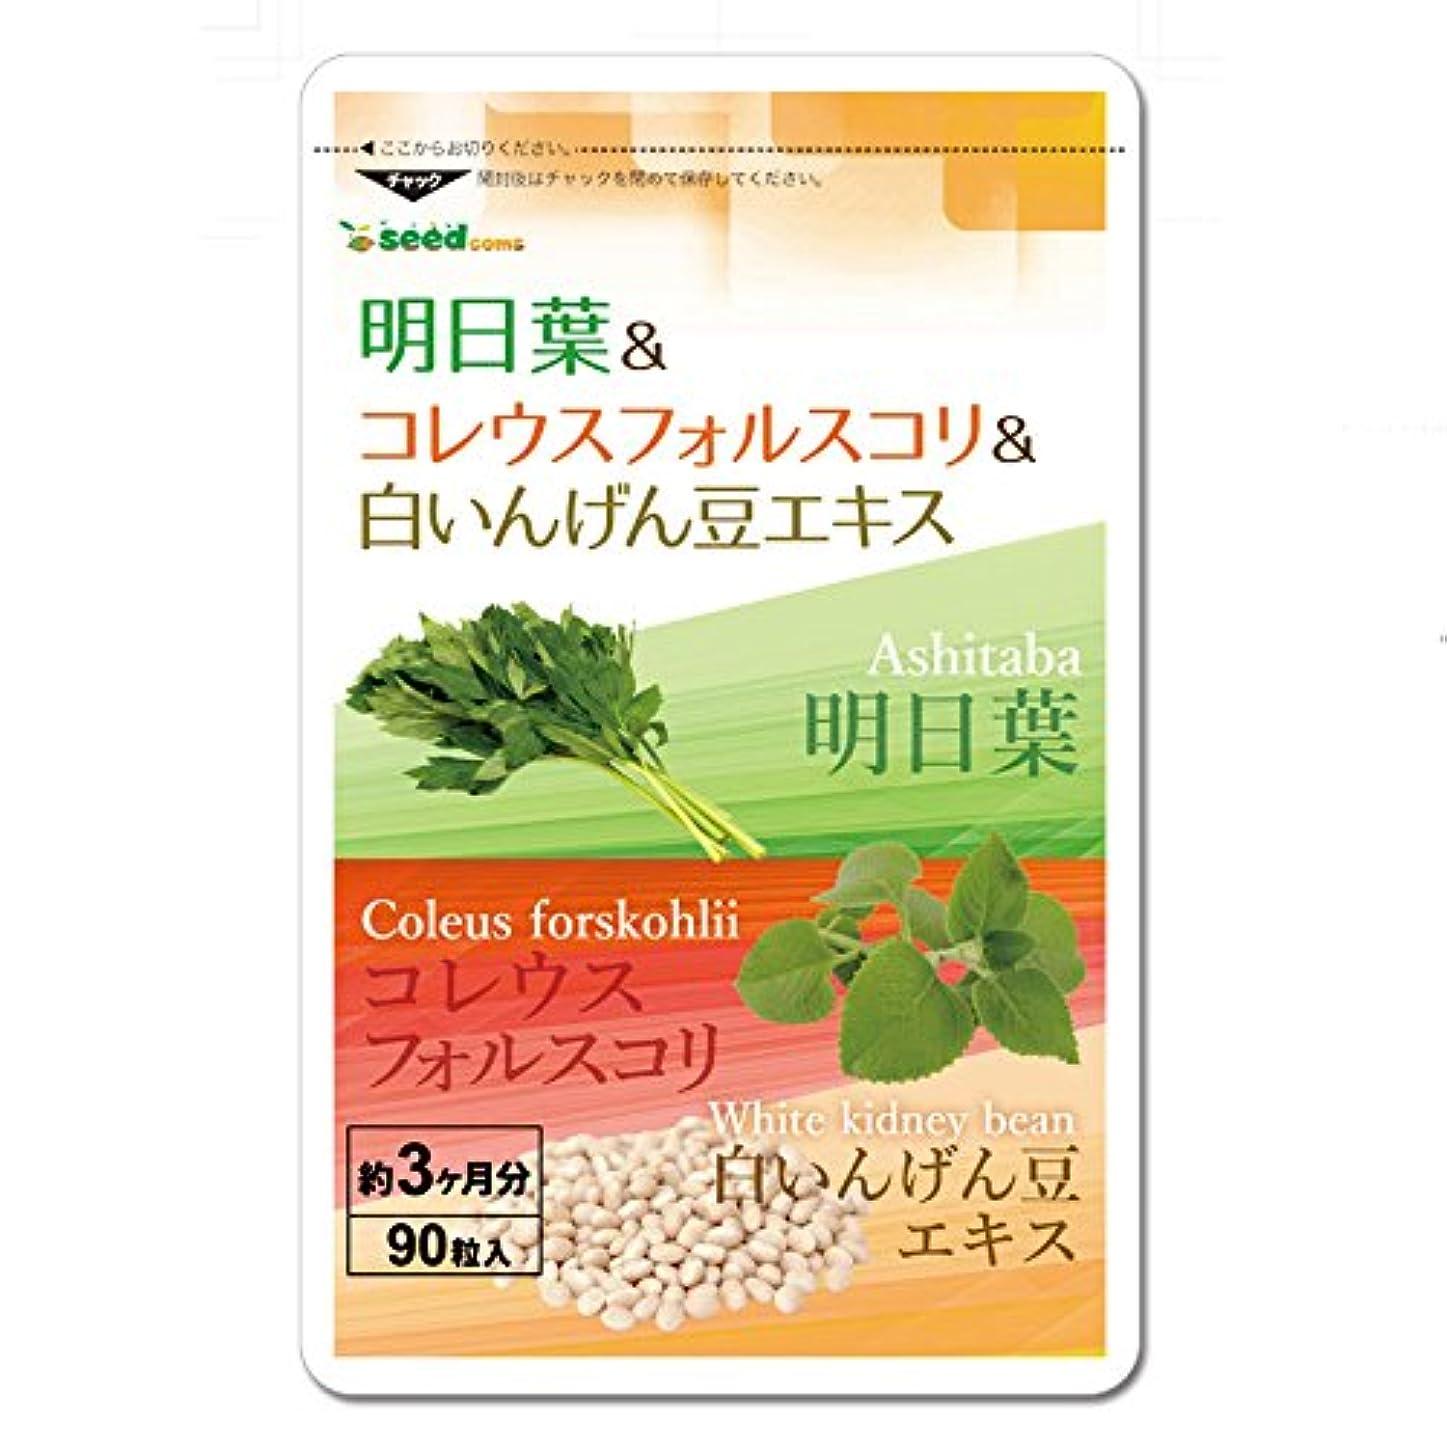 出版種類西明日葉 & コレウスフォルスコリ & 白インゲン豆 エキス (約3ヶ月分/90粒) スッキリ&燃焼系&糖質バリアの3大ダイエット成分